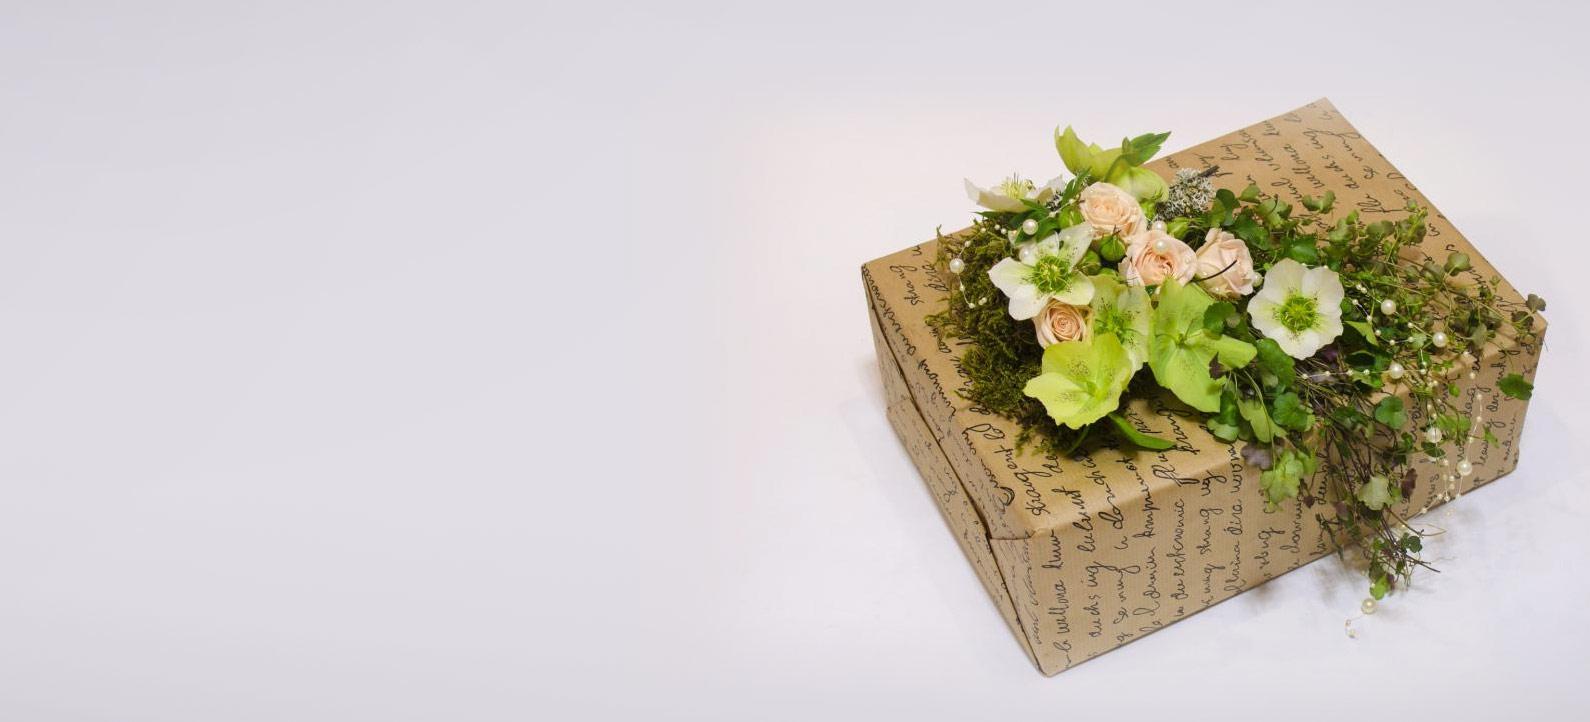 Оформление подарка цветочной композицией